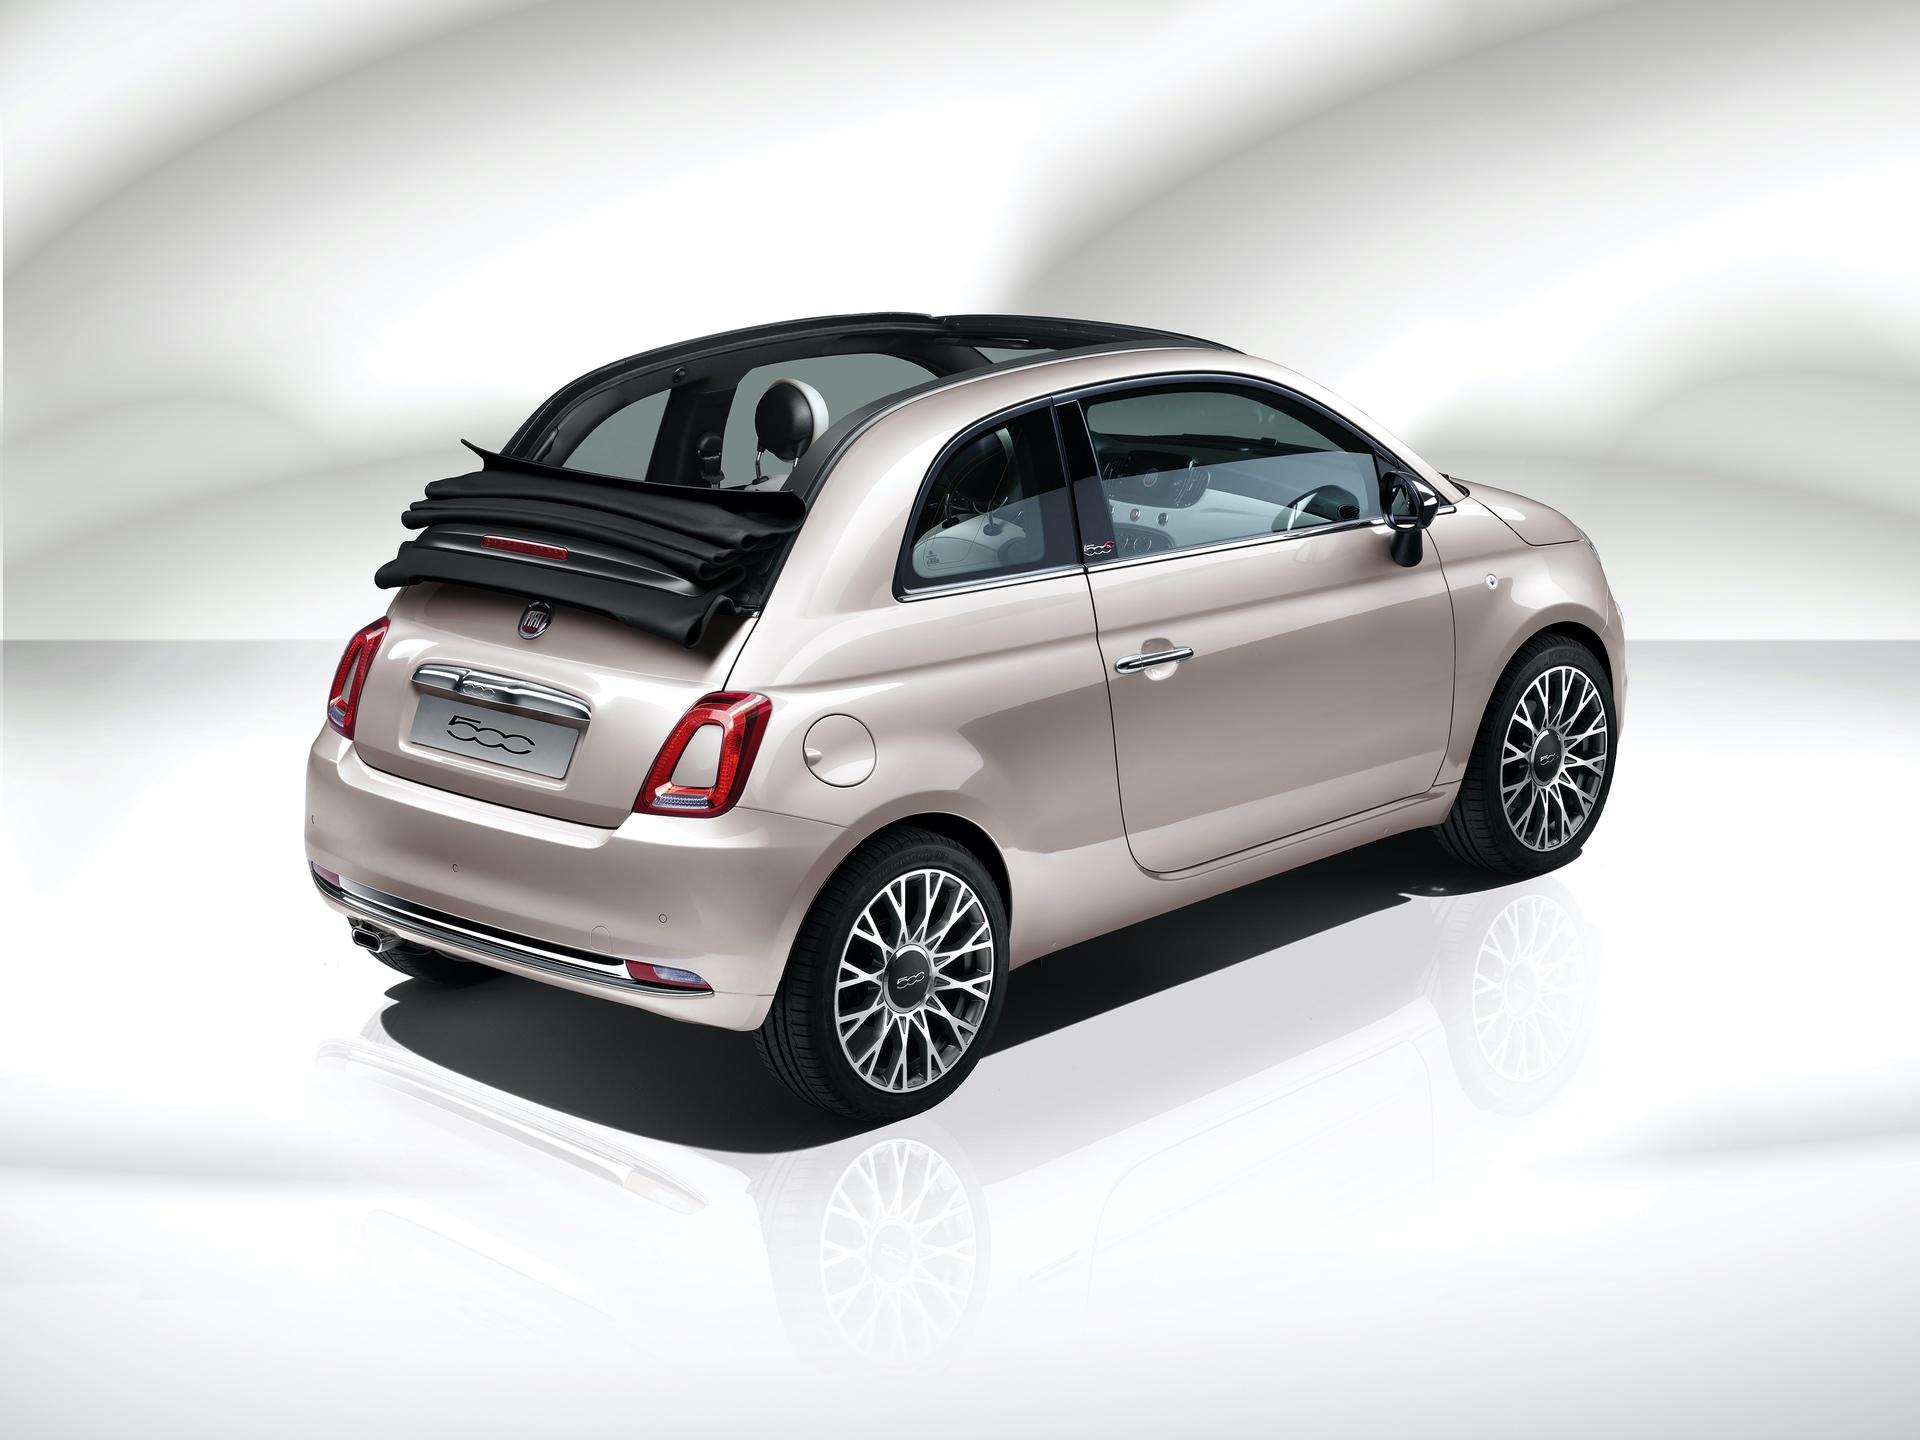 Fiat-500-Star-7